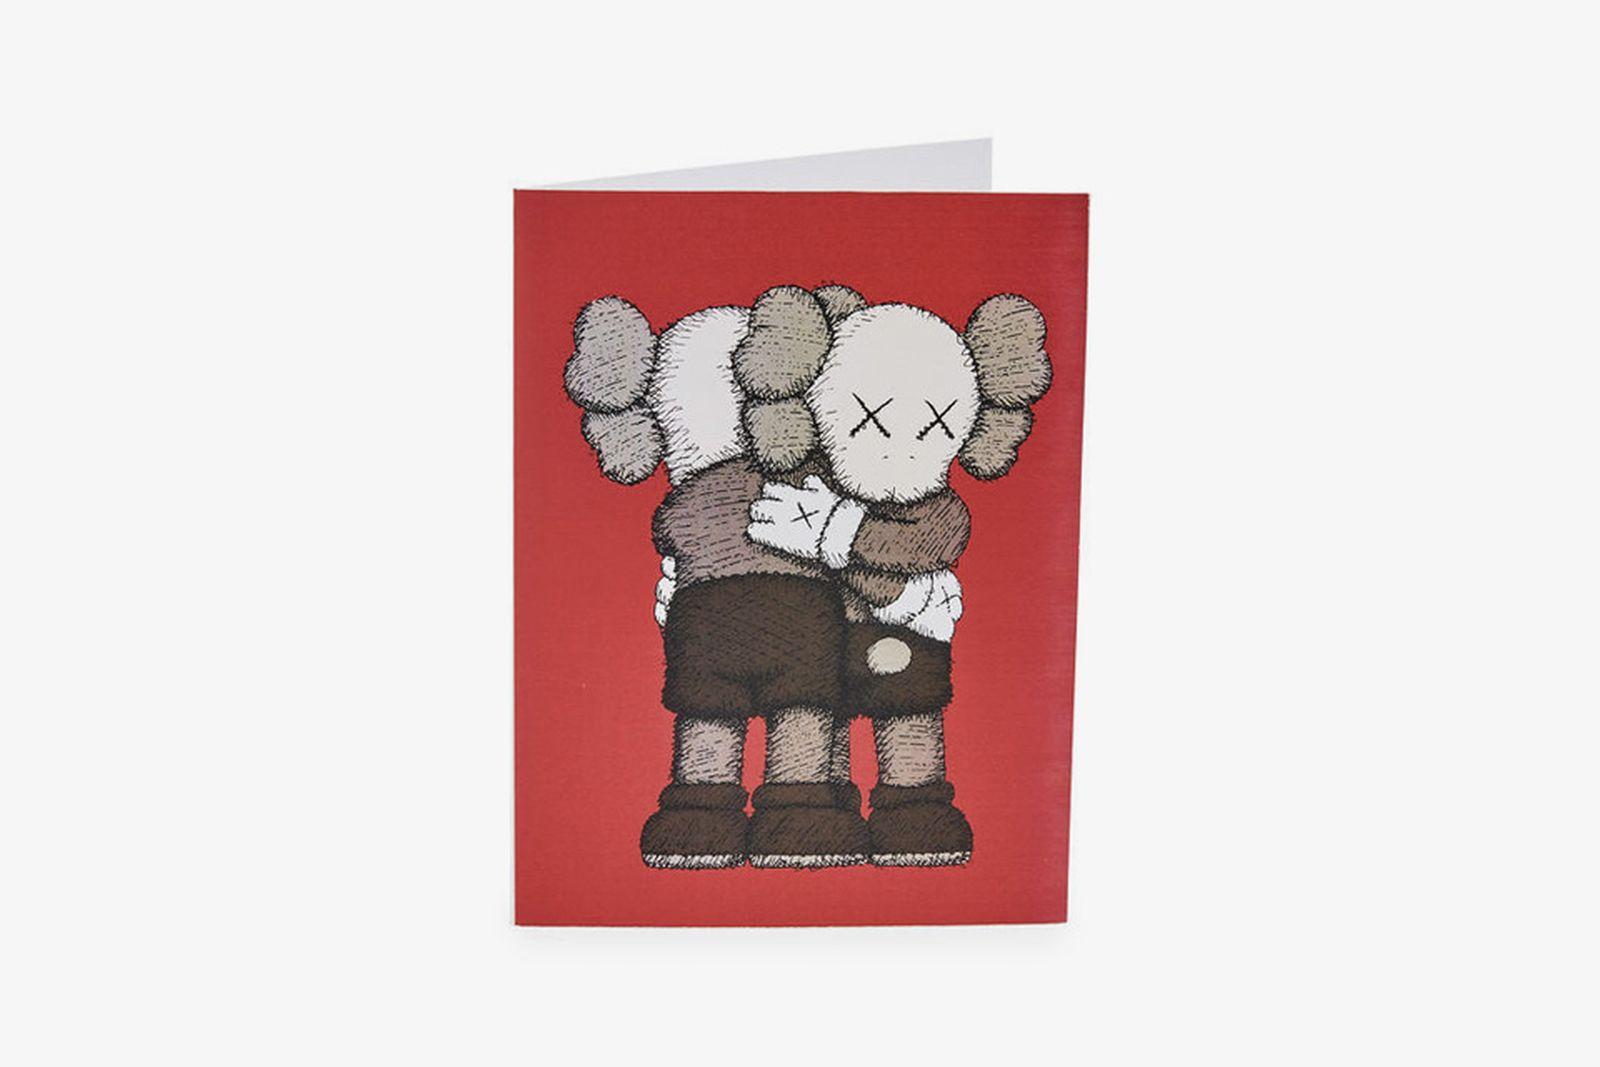 kaws moma holiday card MoMA Design Store holiday season